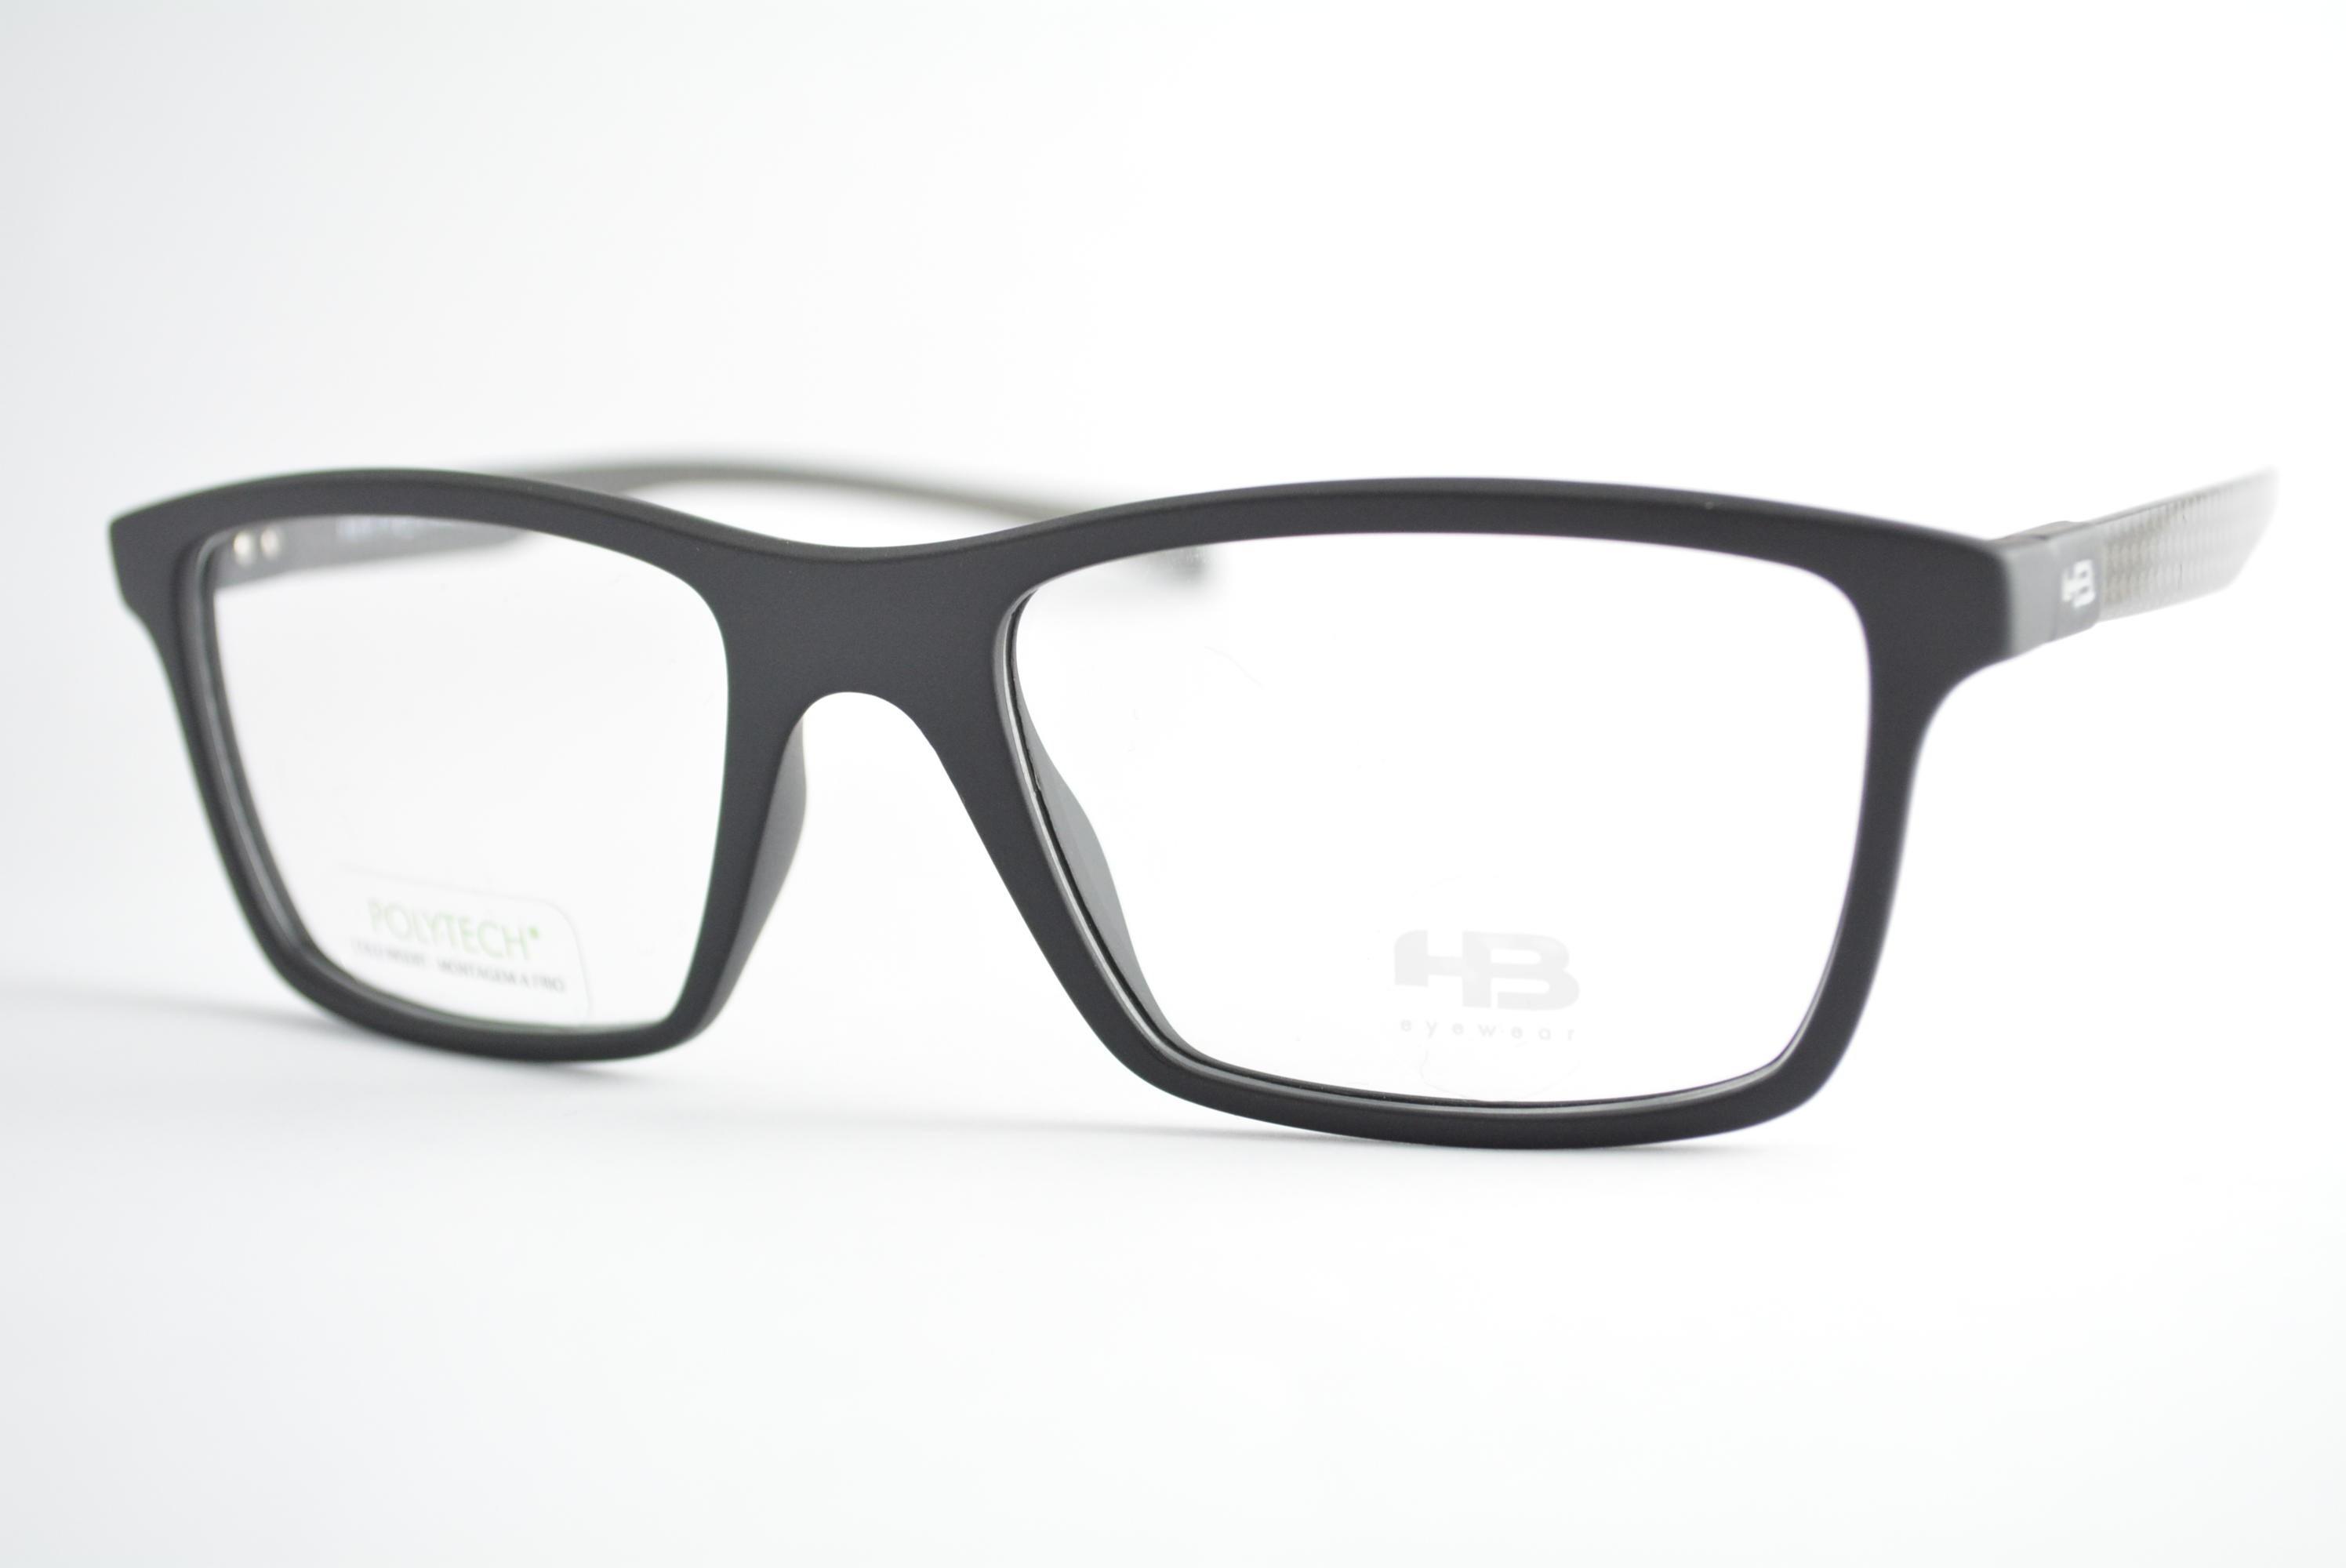 armação de óculos HB mod m93151 c757